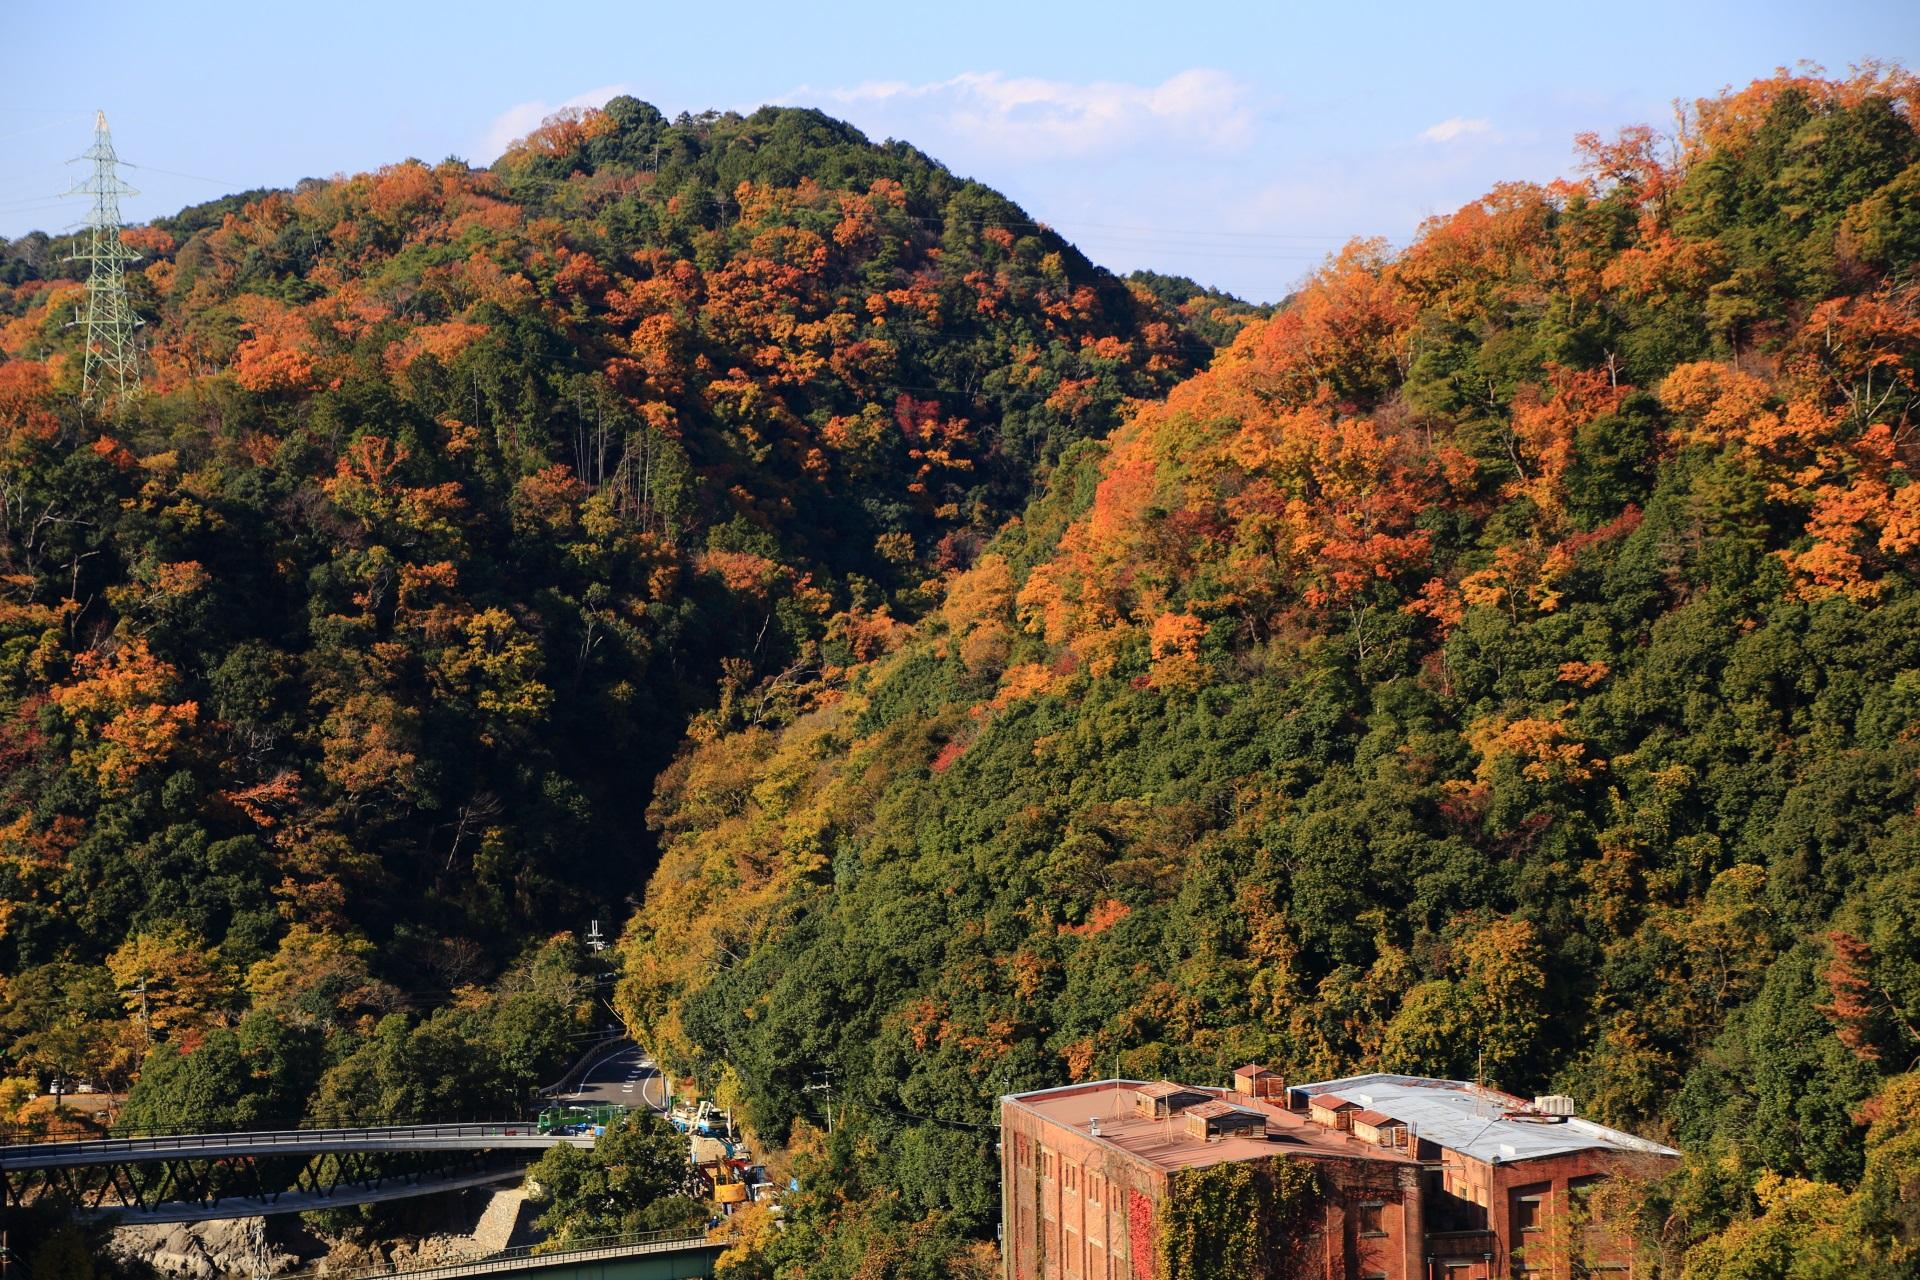 鮮やかなオレンジ色に染まった宇治志津川の山